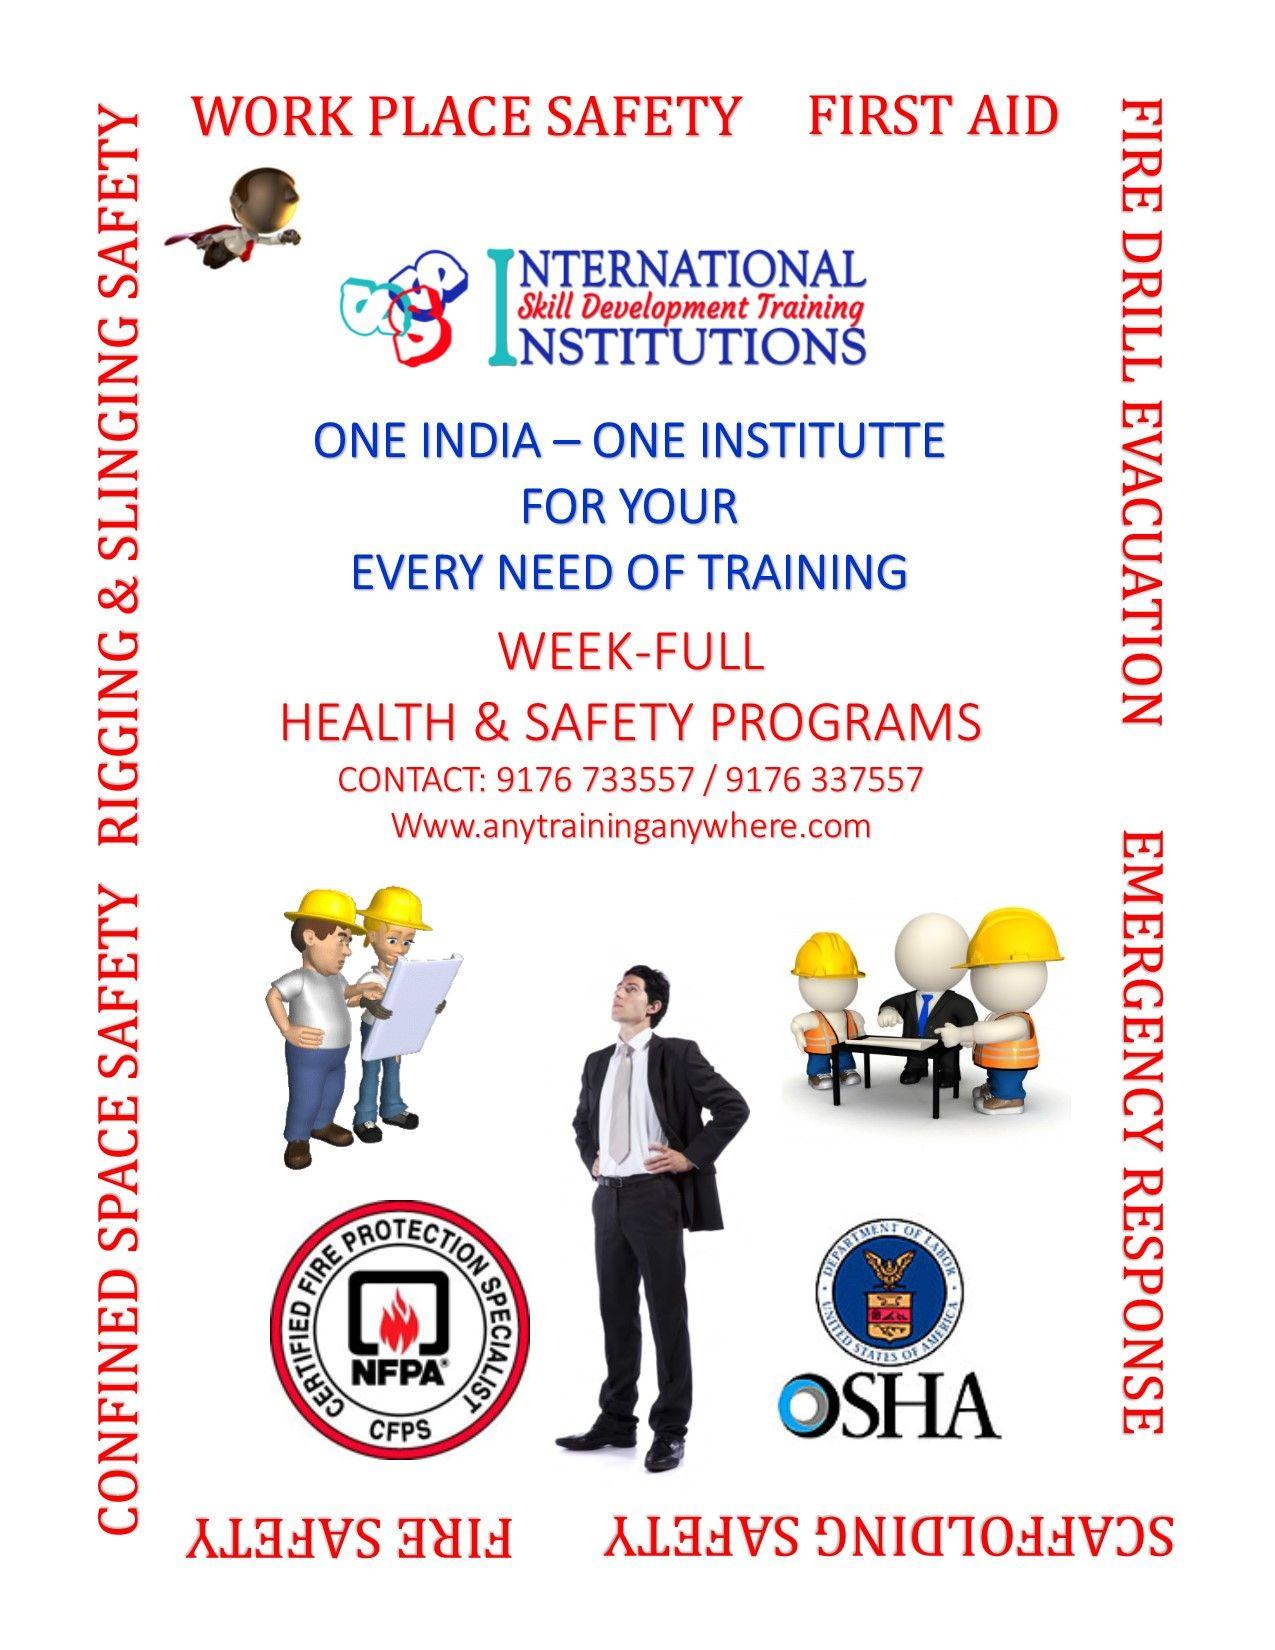 Pin on Corporate Safety Training, NEBOSH,IOSH,OSHA,NFPA,IIRSM